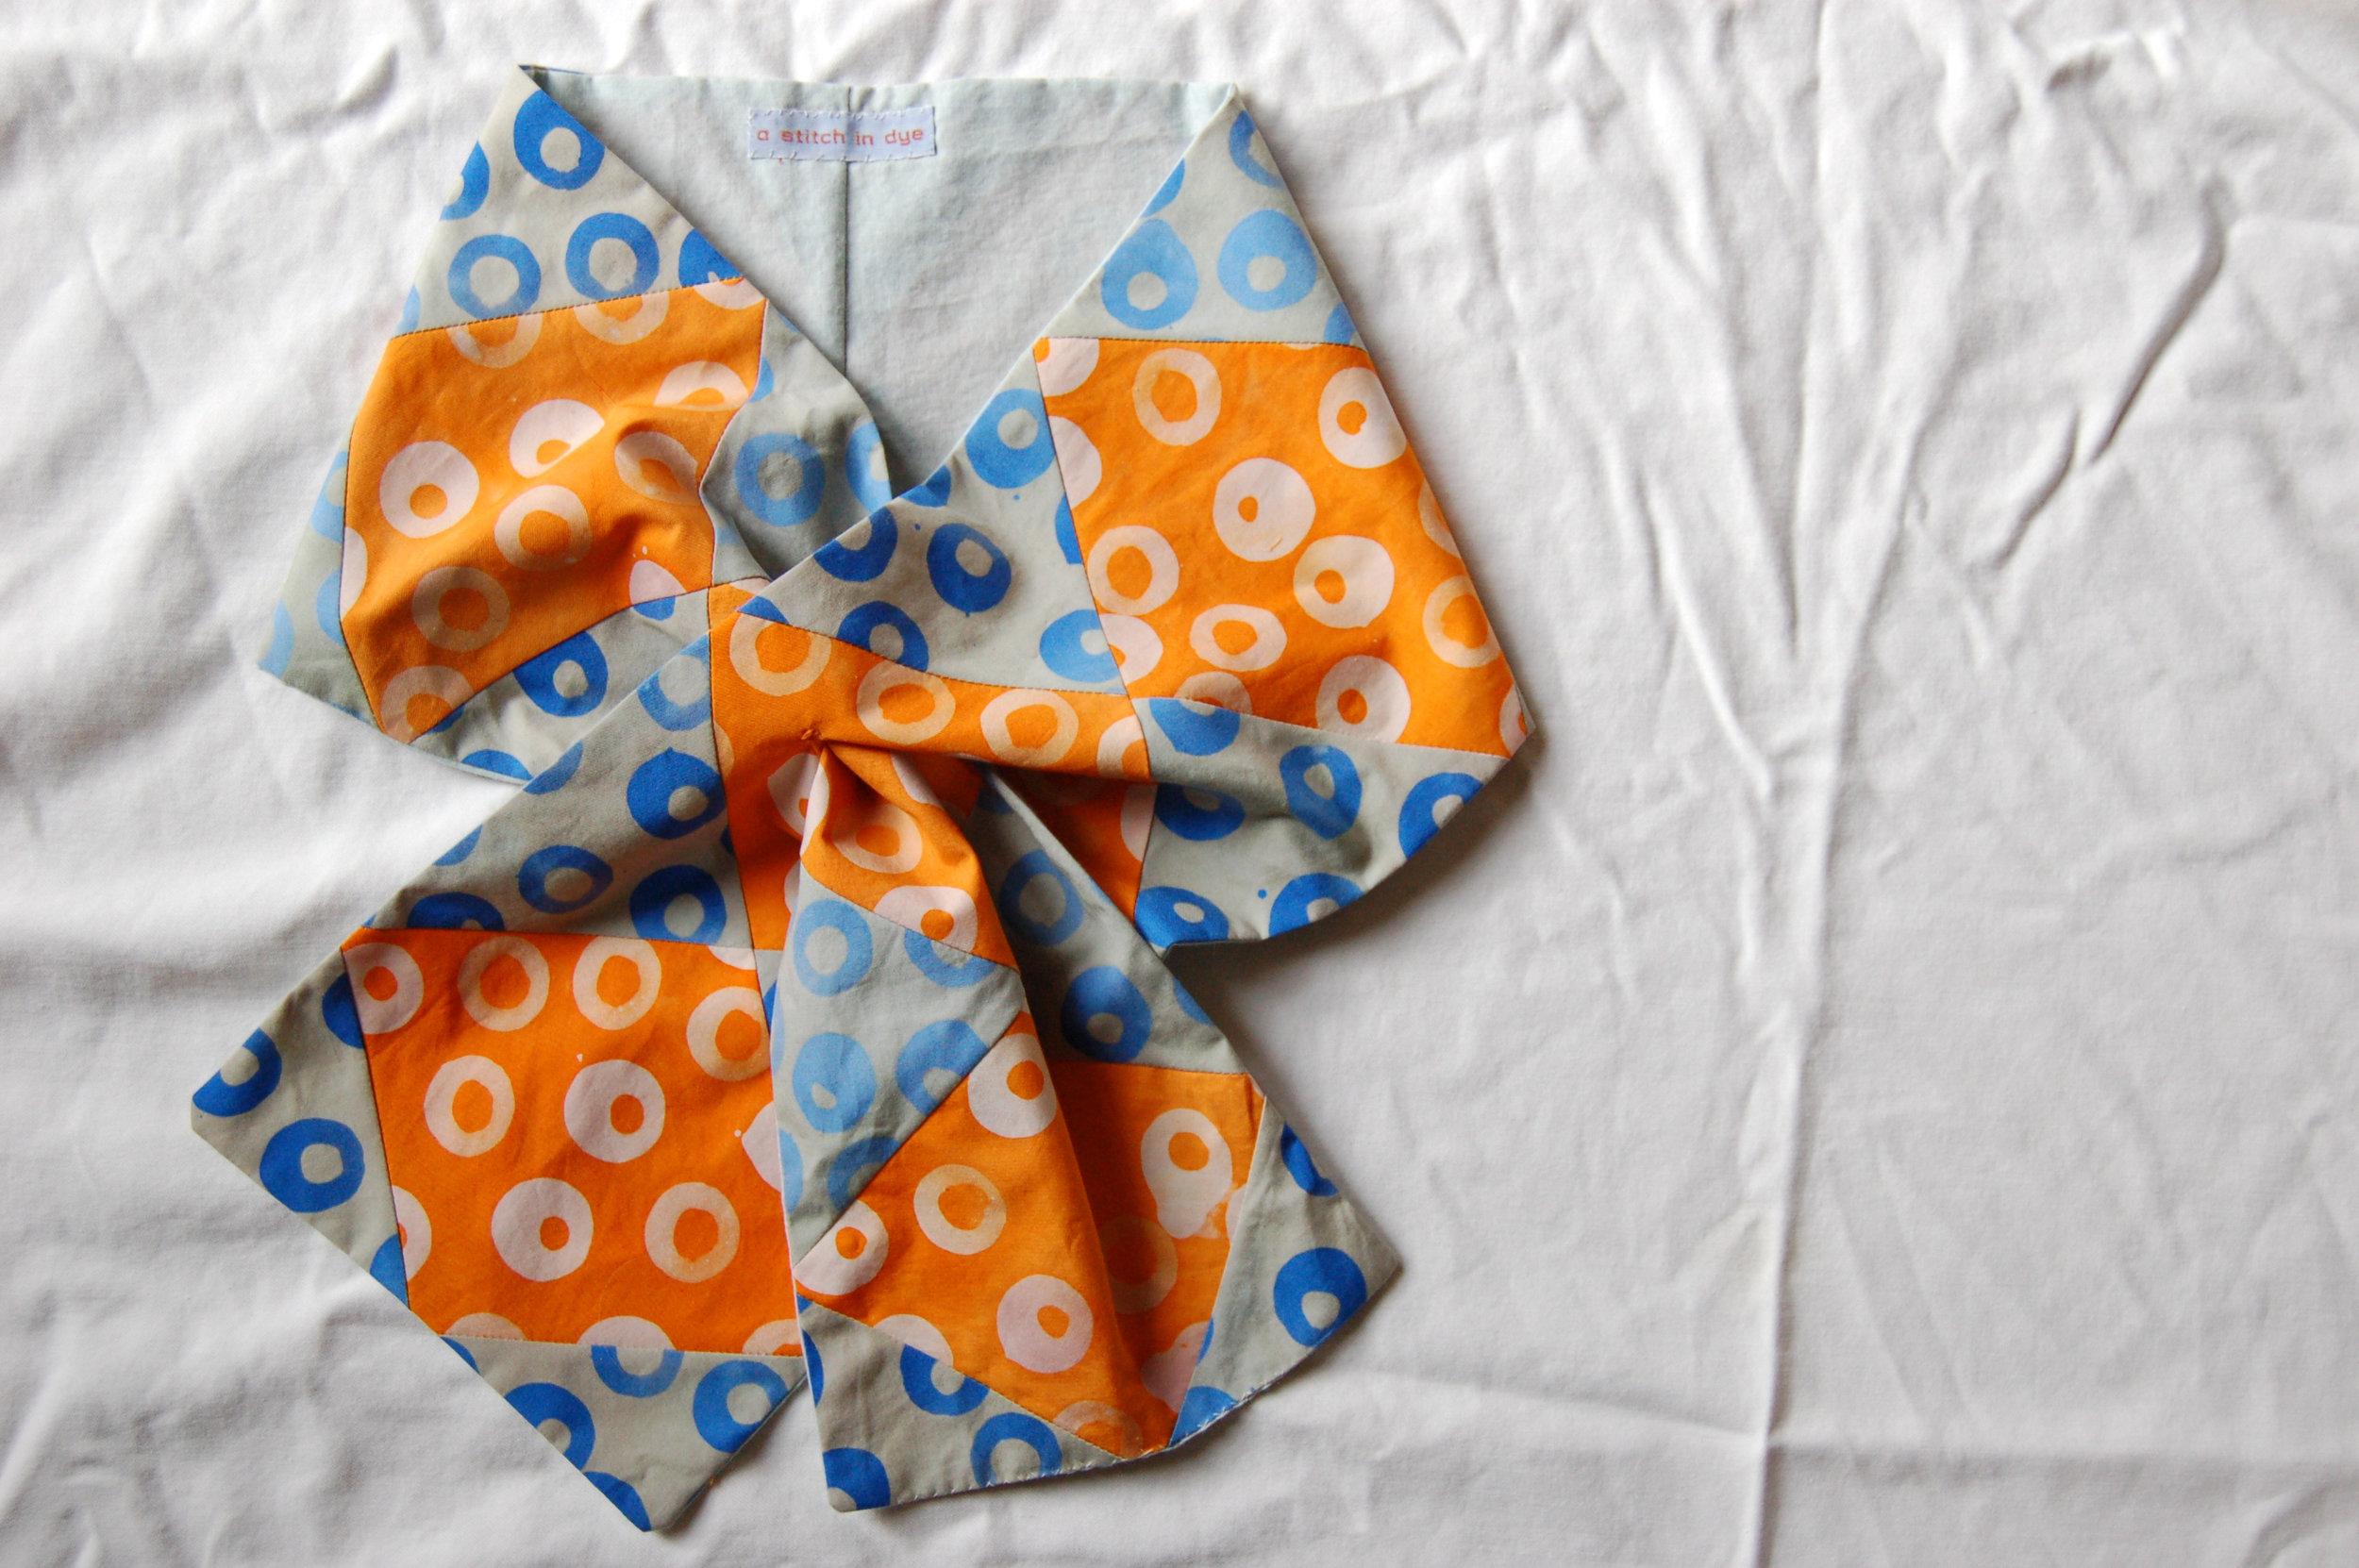 patchwork-keyhole-scarf_916885465_o.jpg